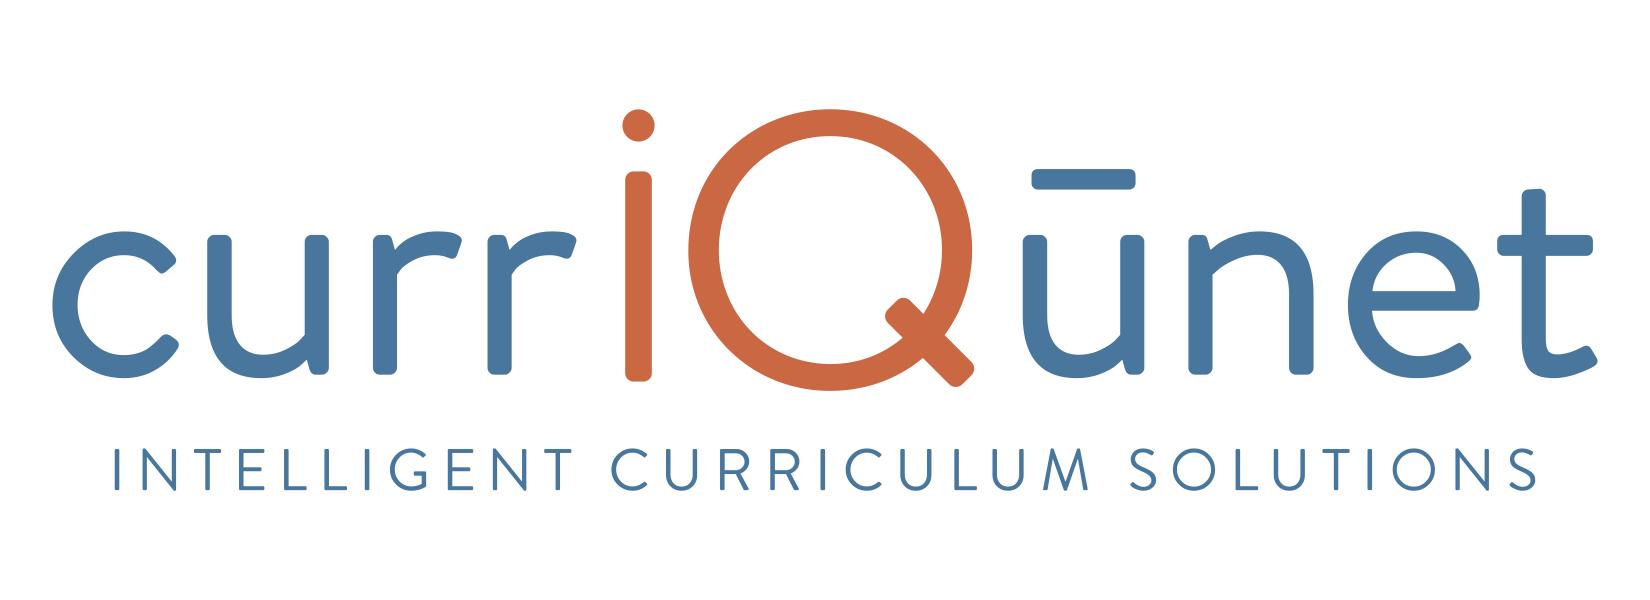 CurrIQunet